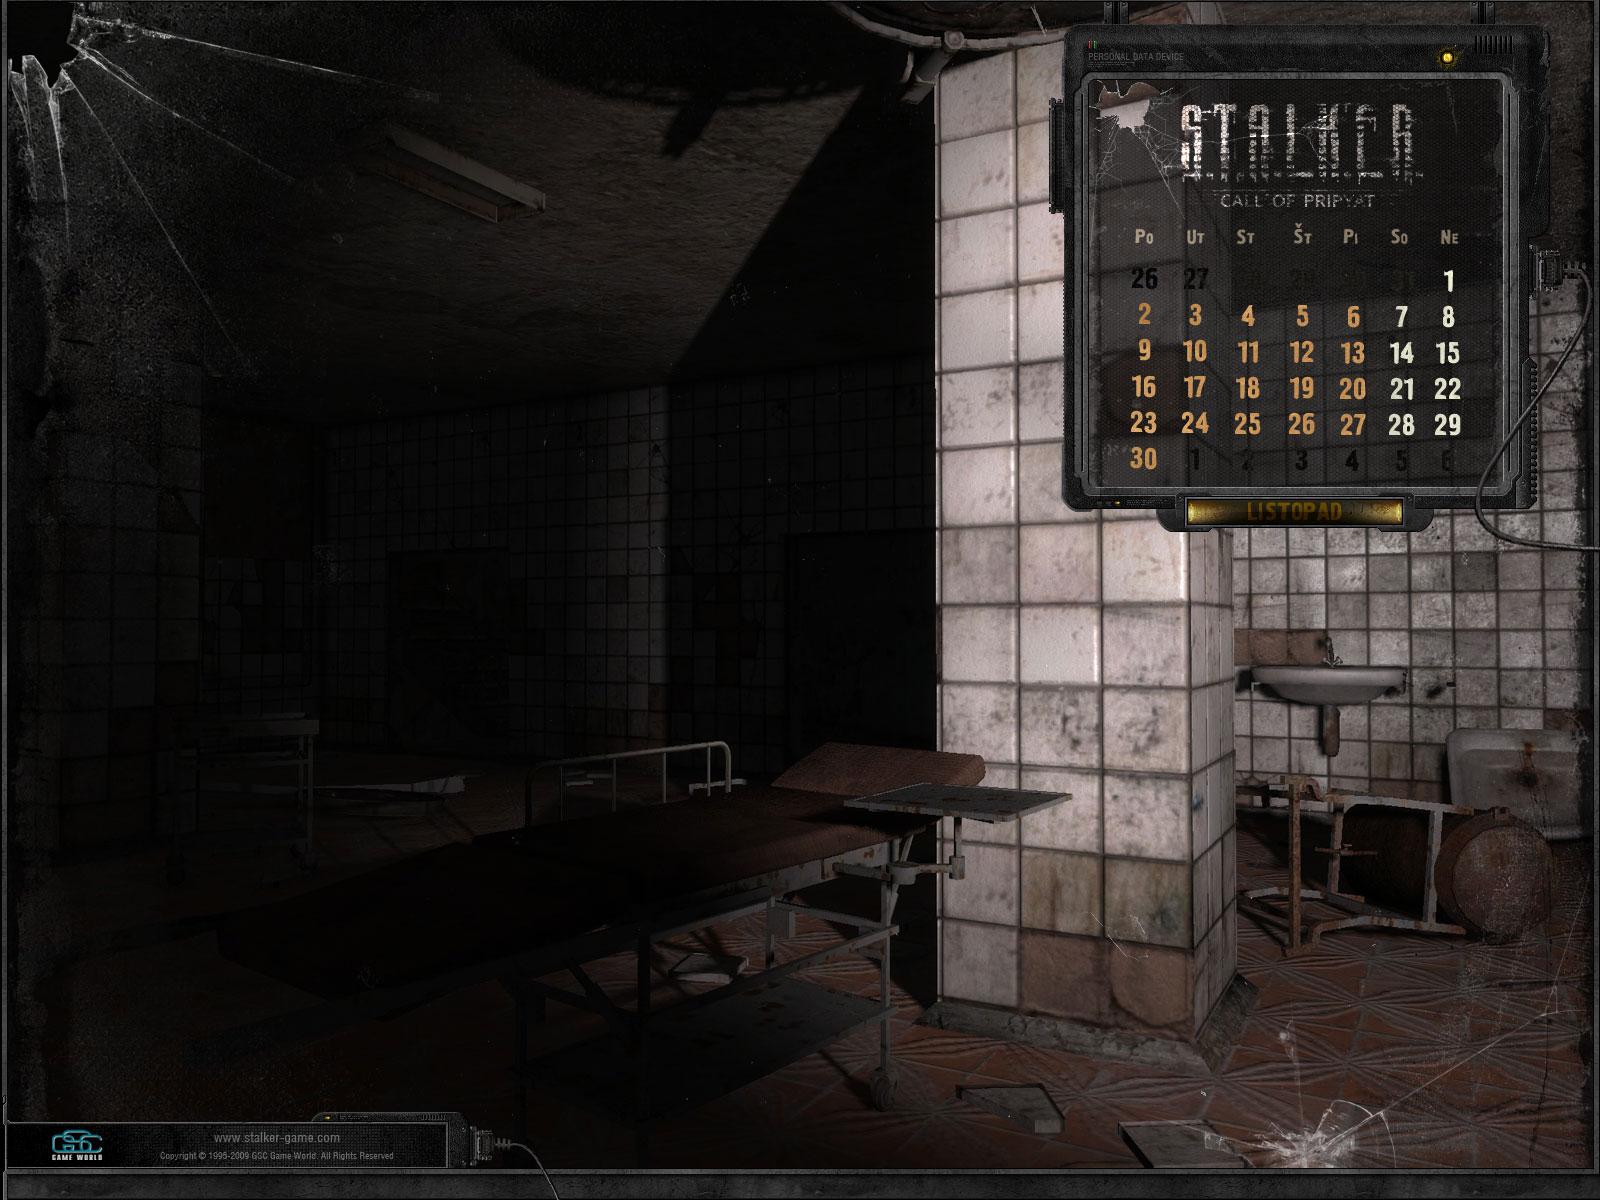 Stalker:Call of Pripyat kalendář